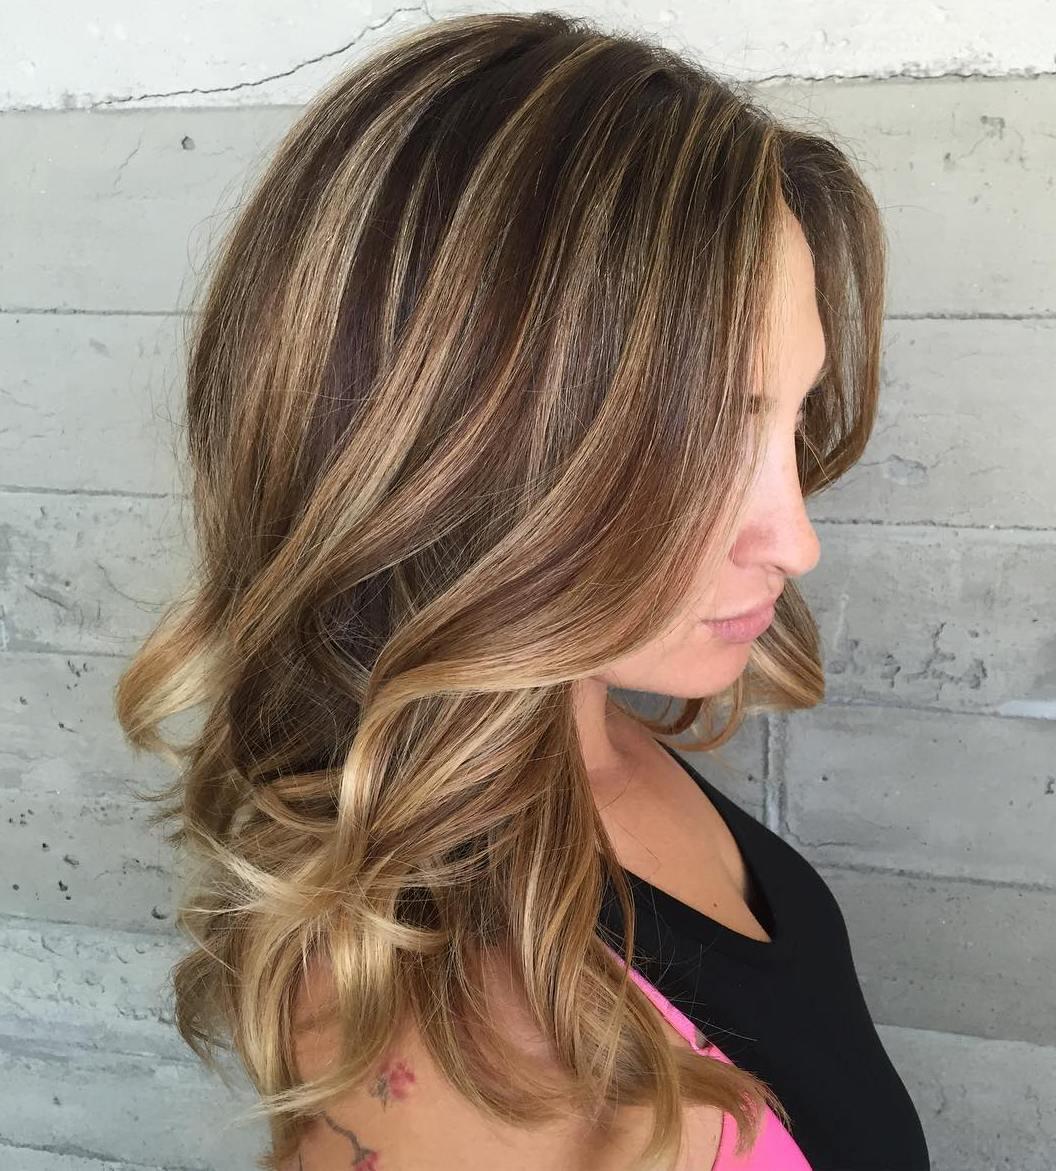 50 Ideen für hellbraunes Haar mit Highlights und Lowlights